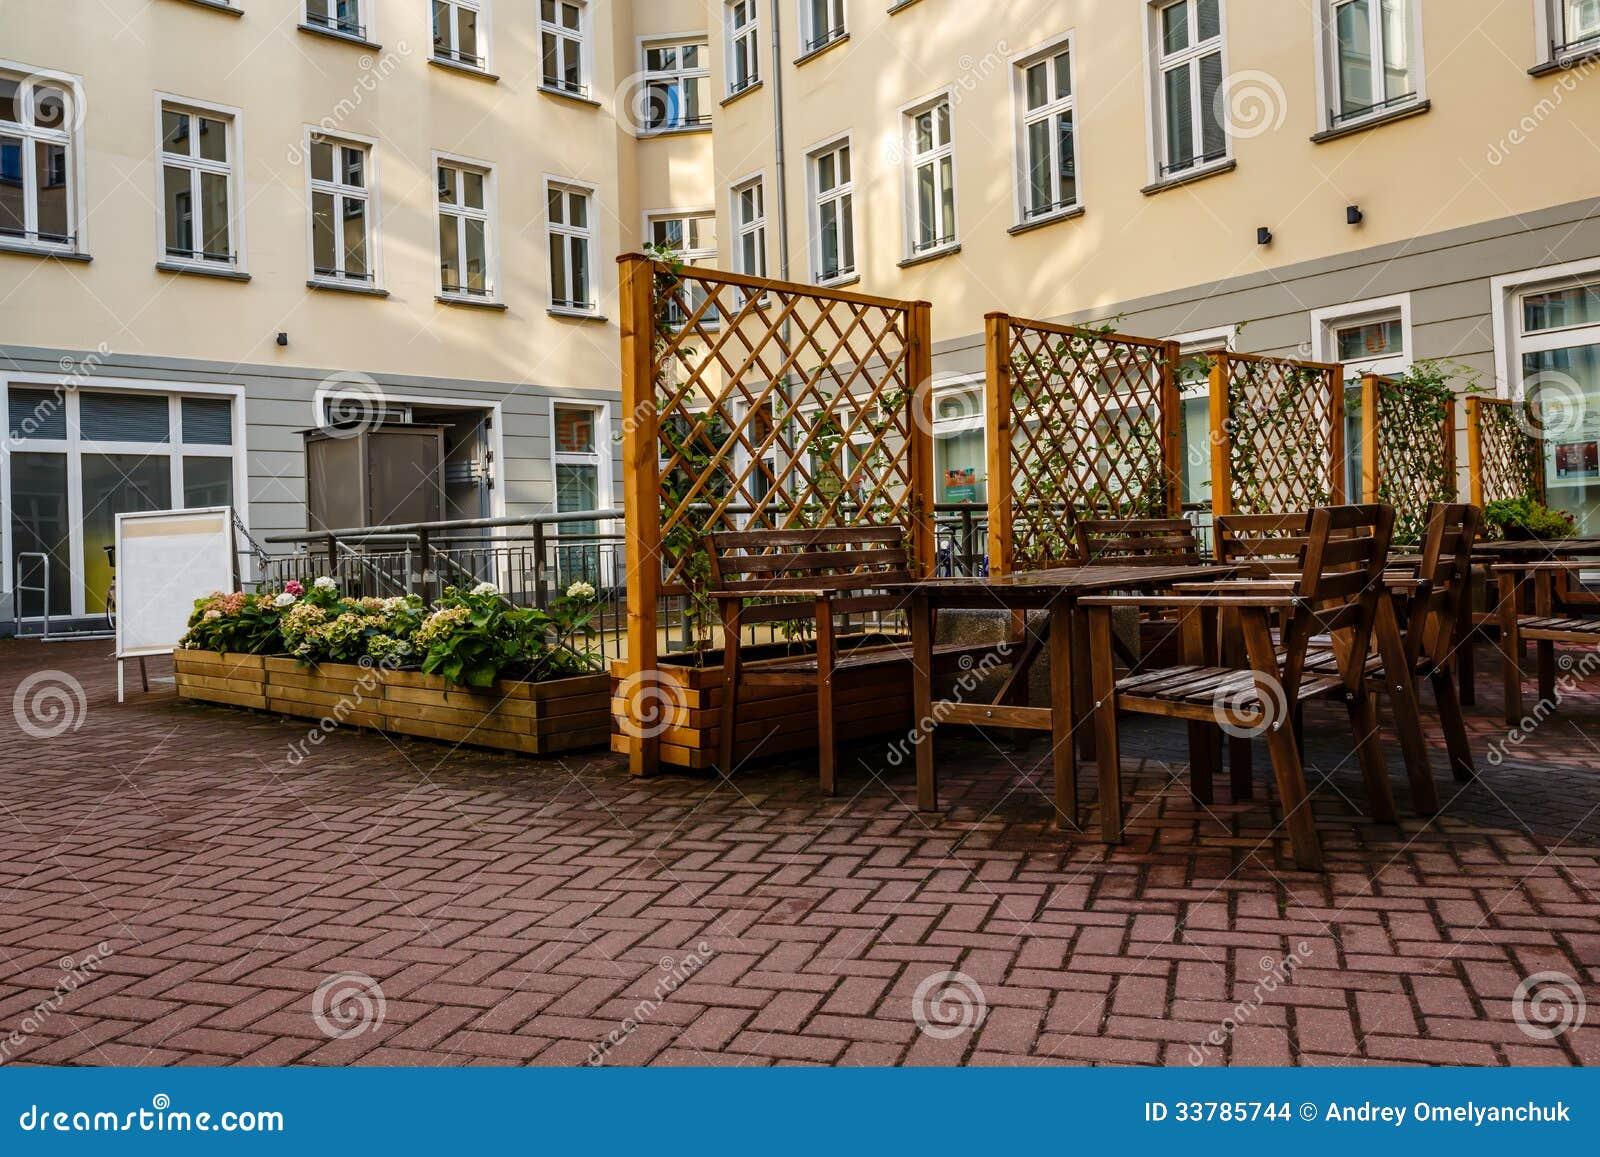 Hinterhof Und Cafe Im Freien In Berlin Stockfoto Bild Von